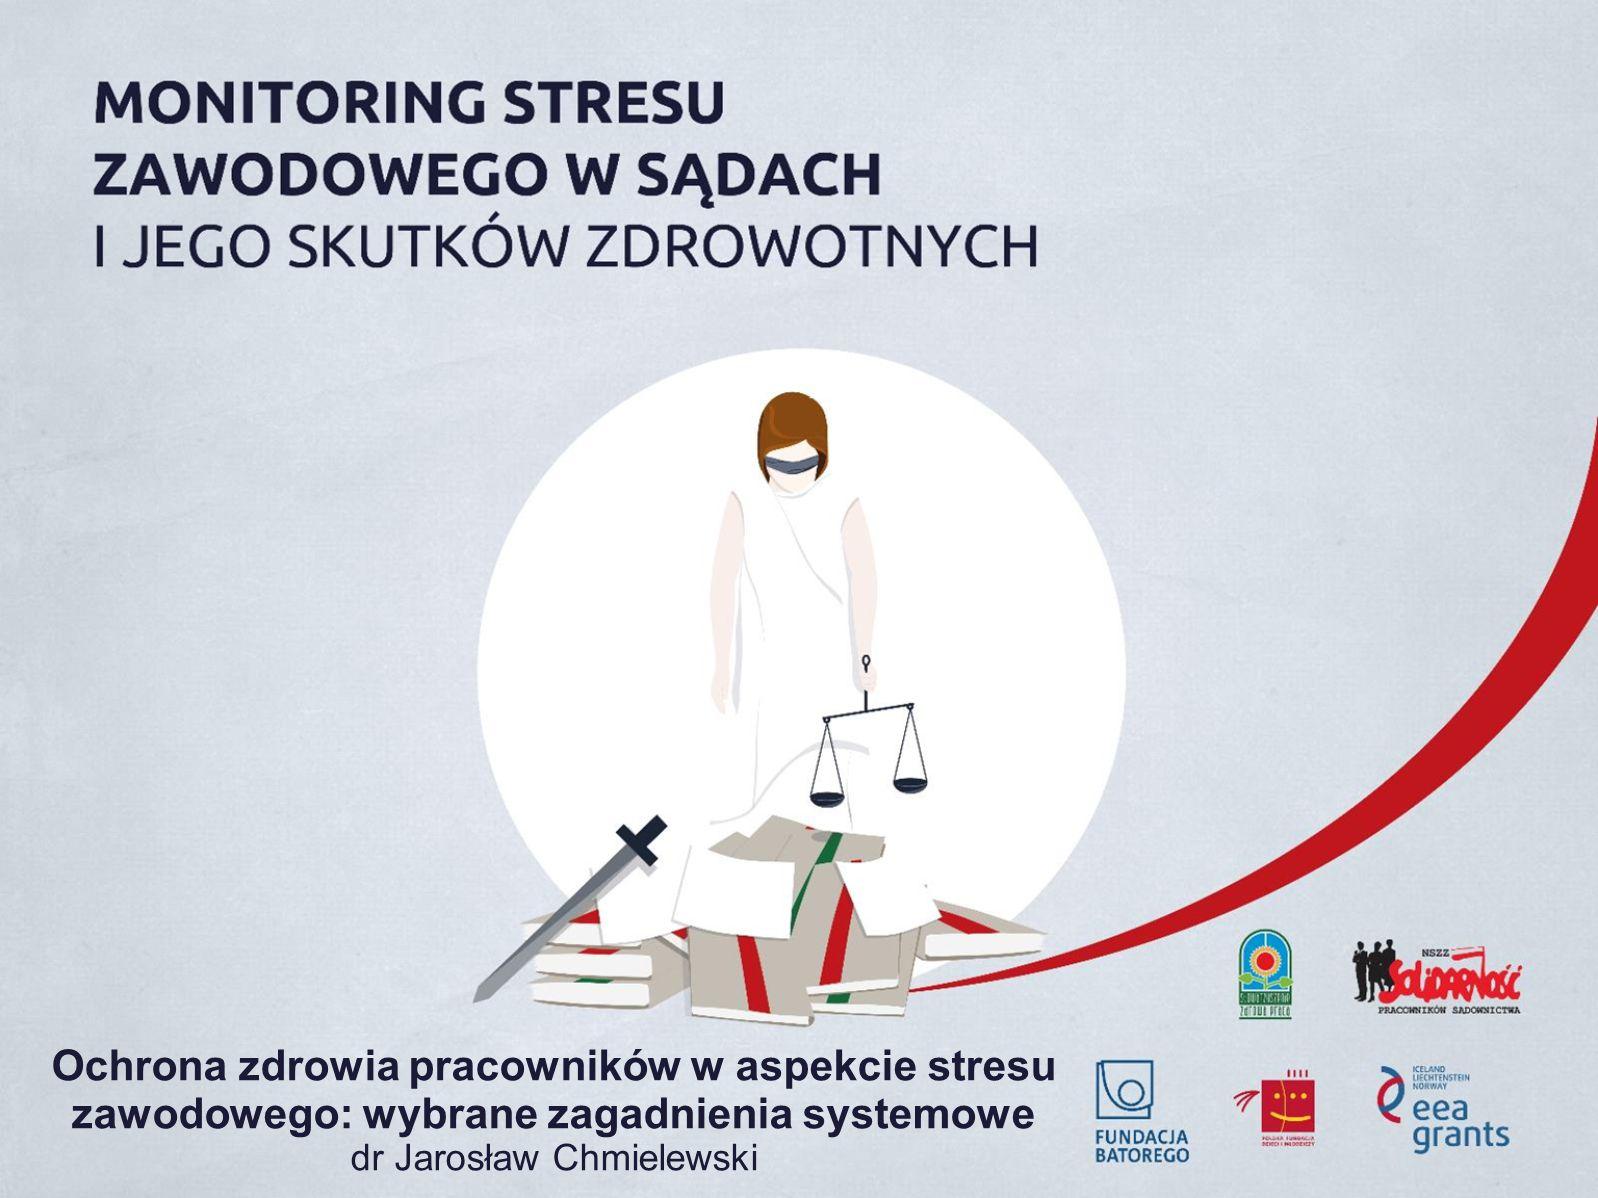 Ochrona zdrowia pracowników w aspekcie stresu zawodowego: wybrane zagadnienia systemowe dr Jarosław Chmielewski